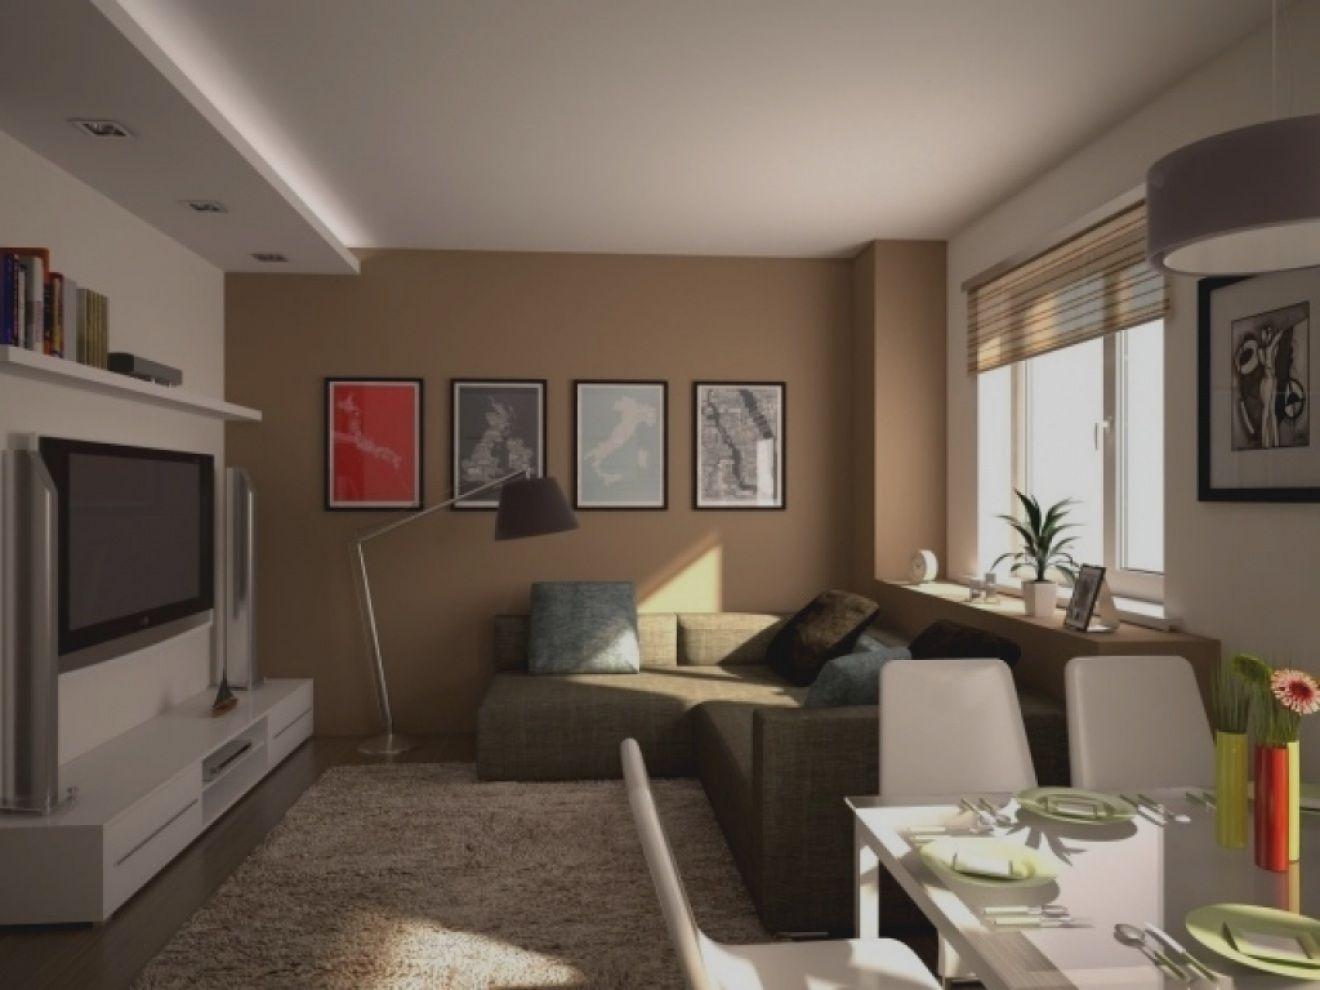 wohnzimmer einrichten aufteilung  Small living room decor, Room